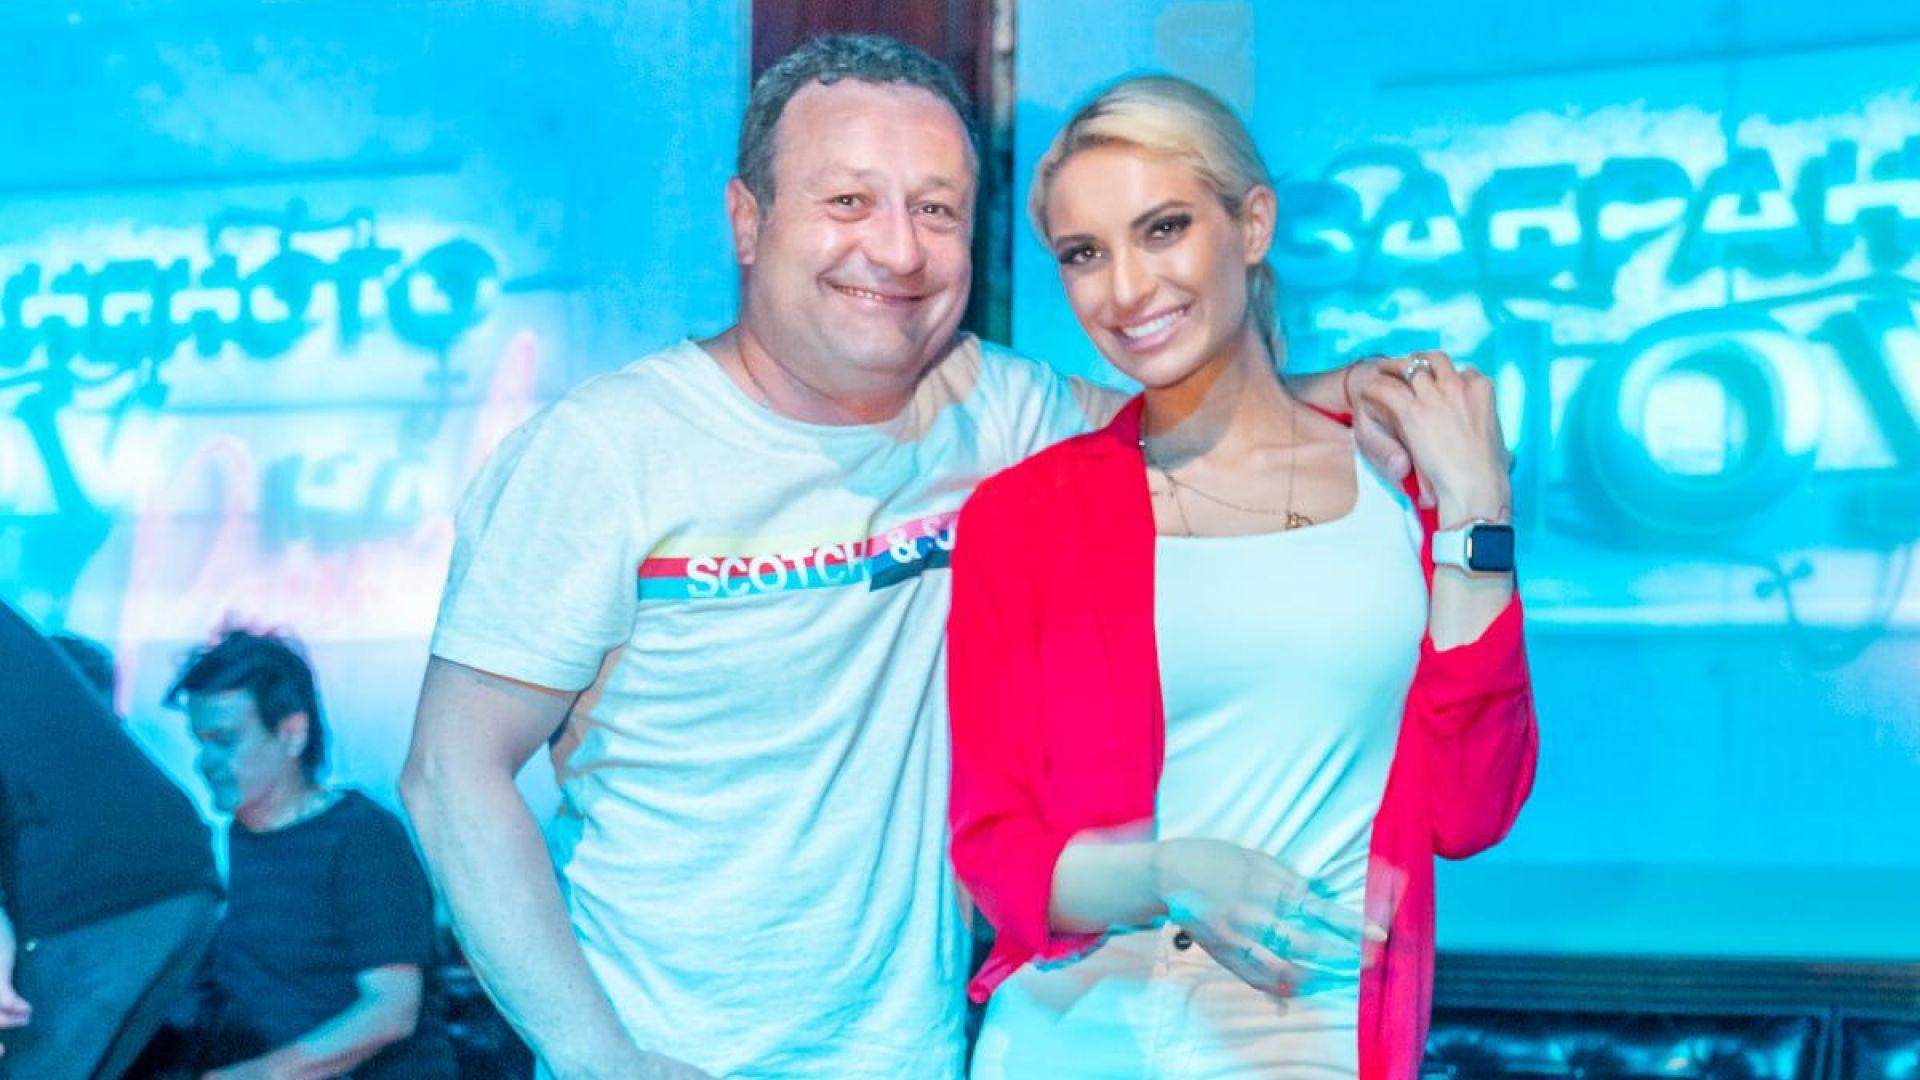 Половинката на Рачков отпразнува рождения си ден в клуба на Константин